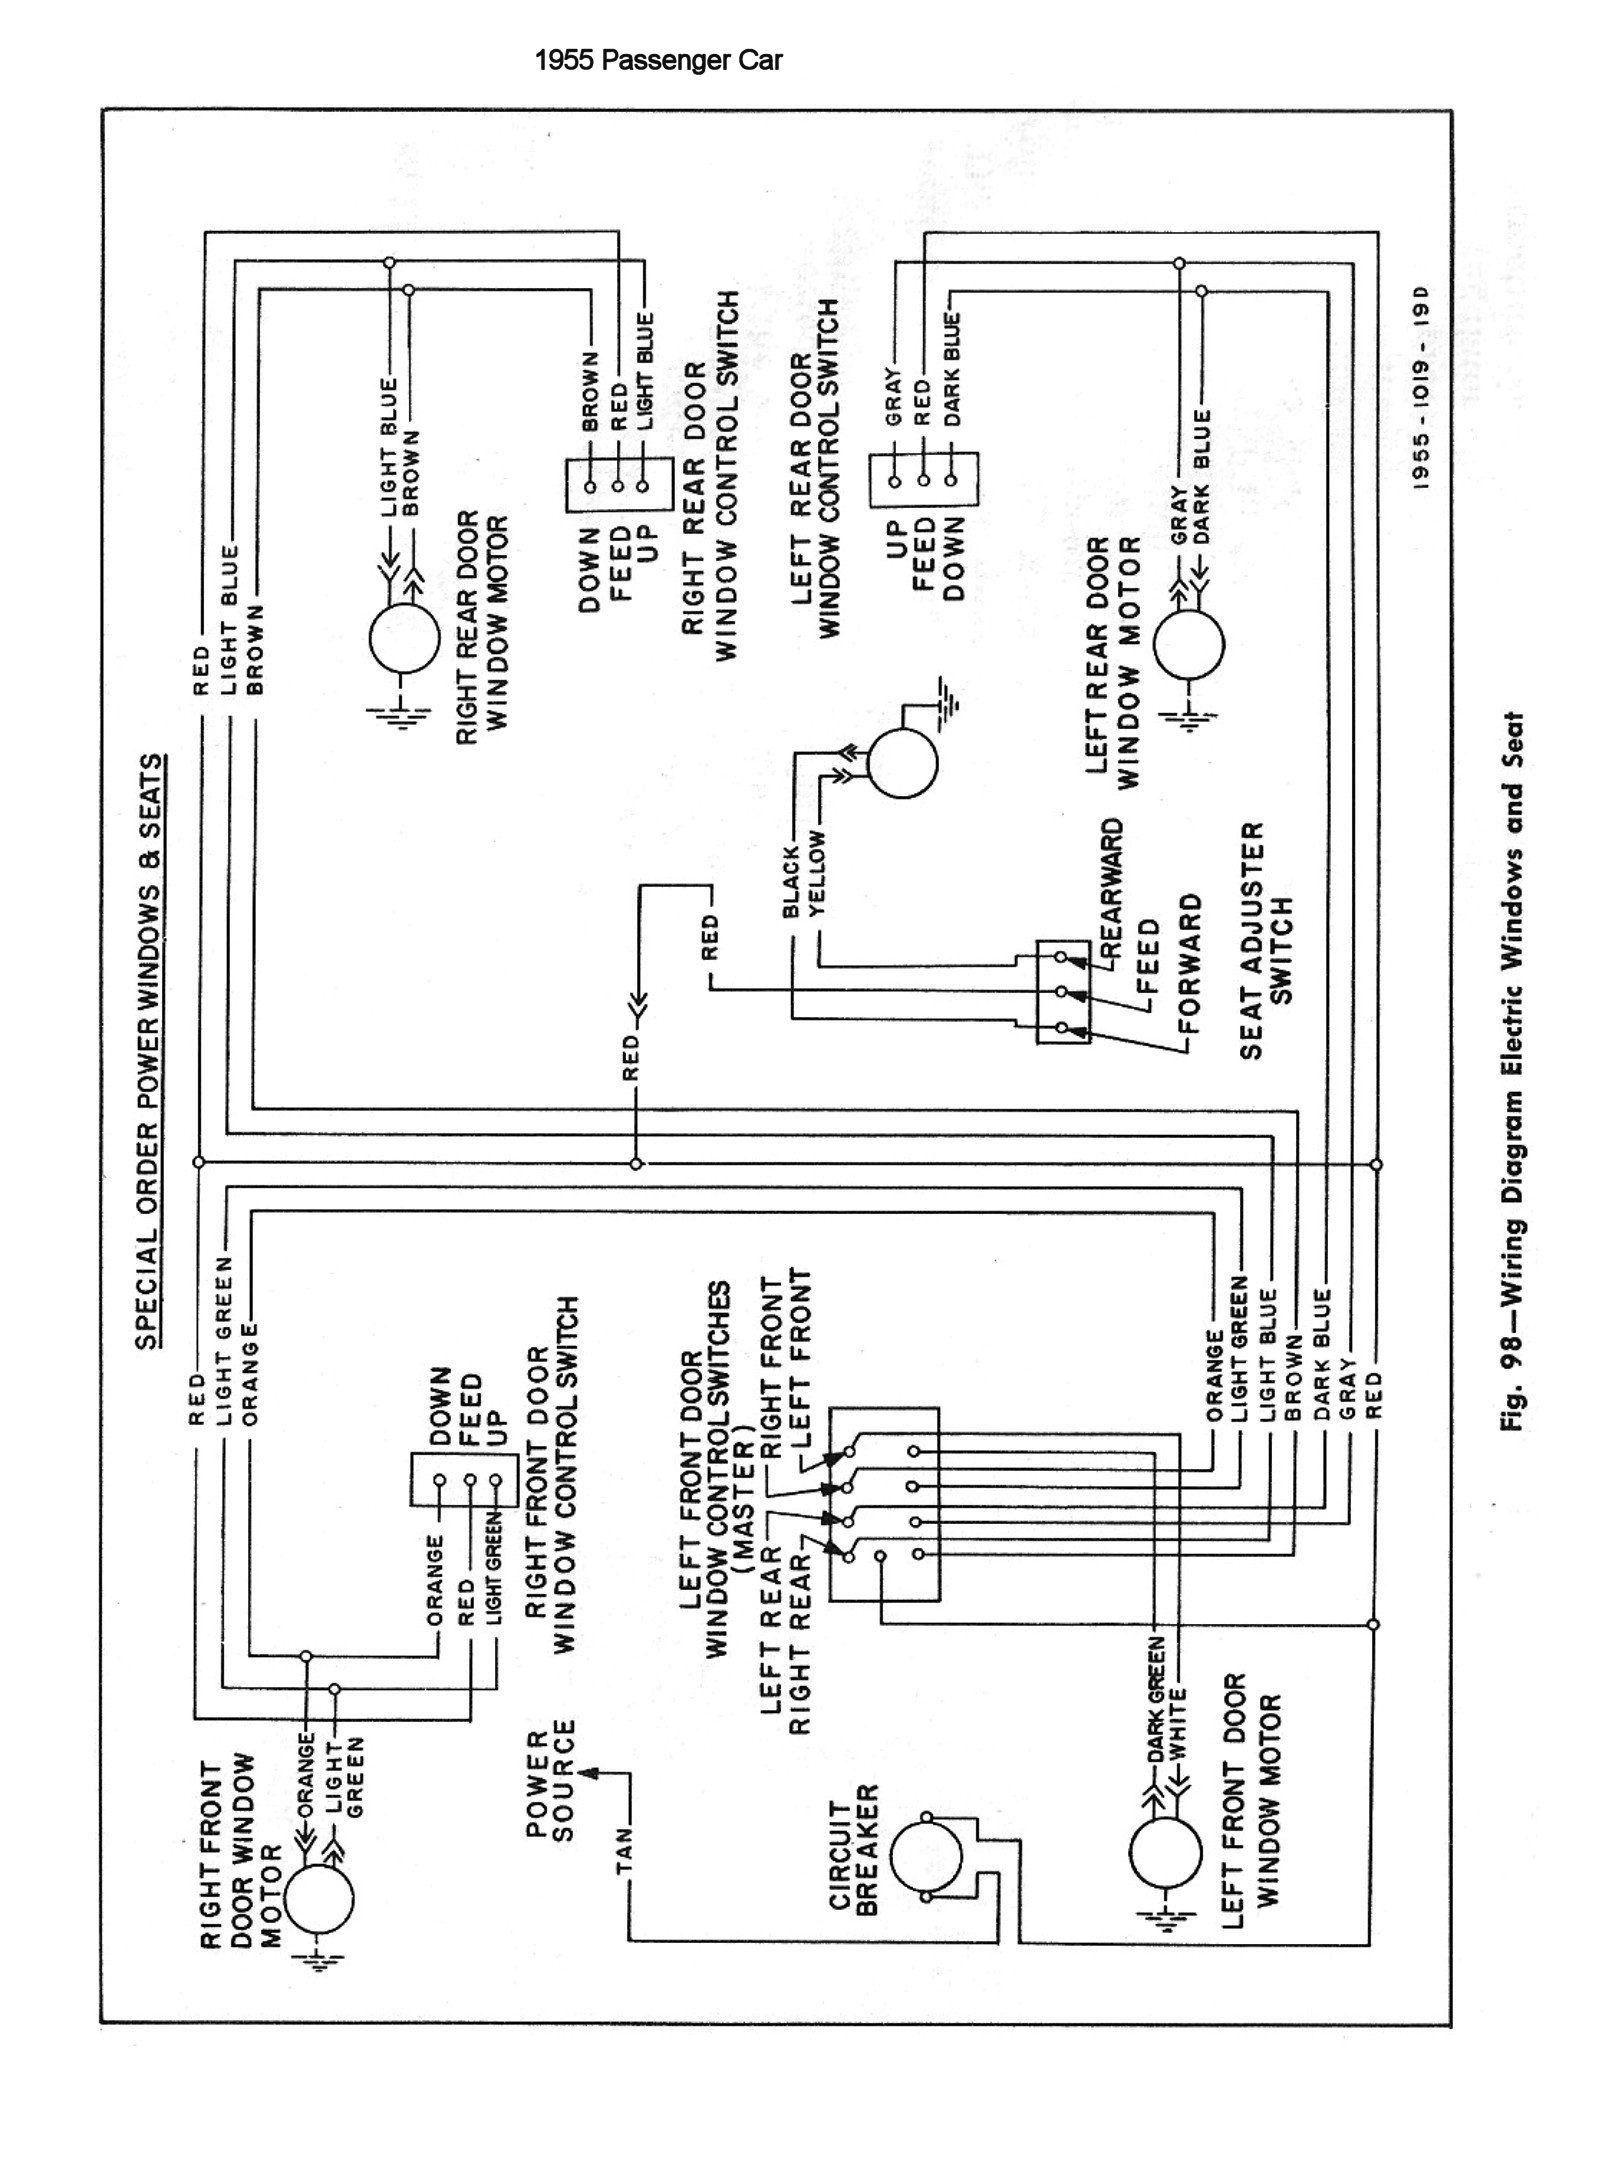 Unique Wiring Diagrams Automobiles  Diagram  Wiringdiagram  Diagramming  Diagramm  Visuals